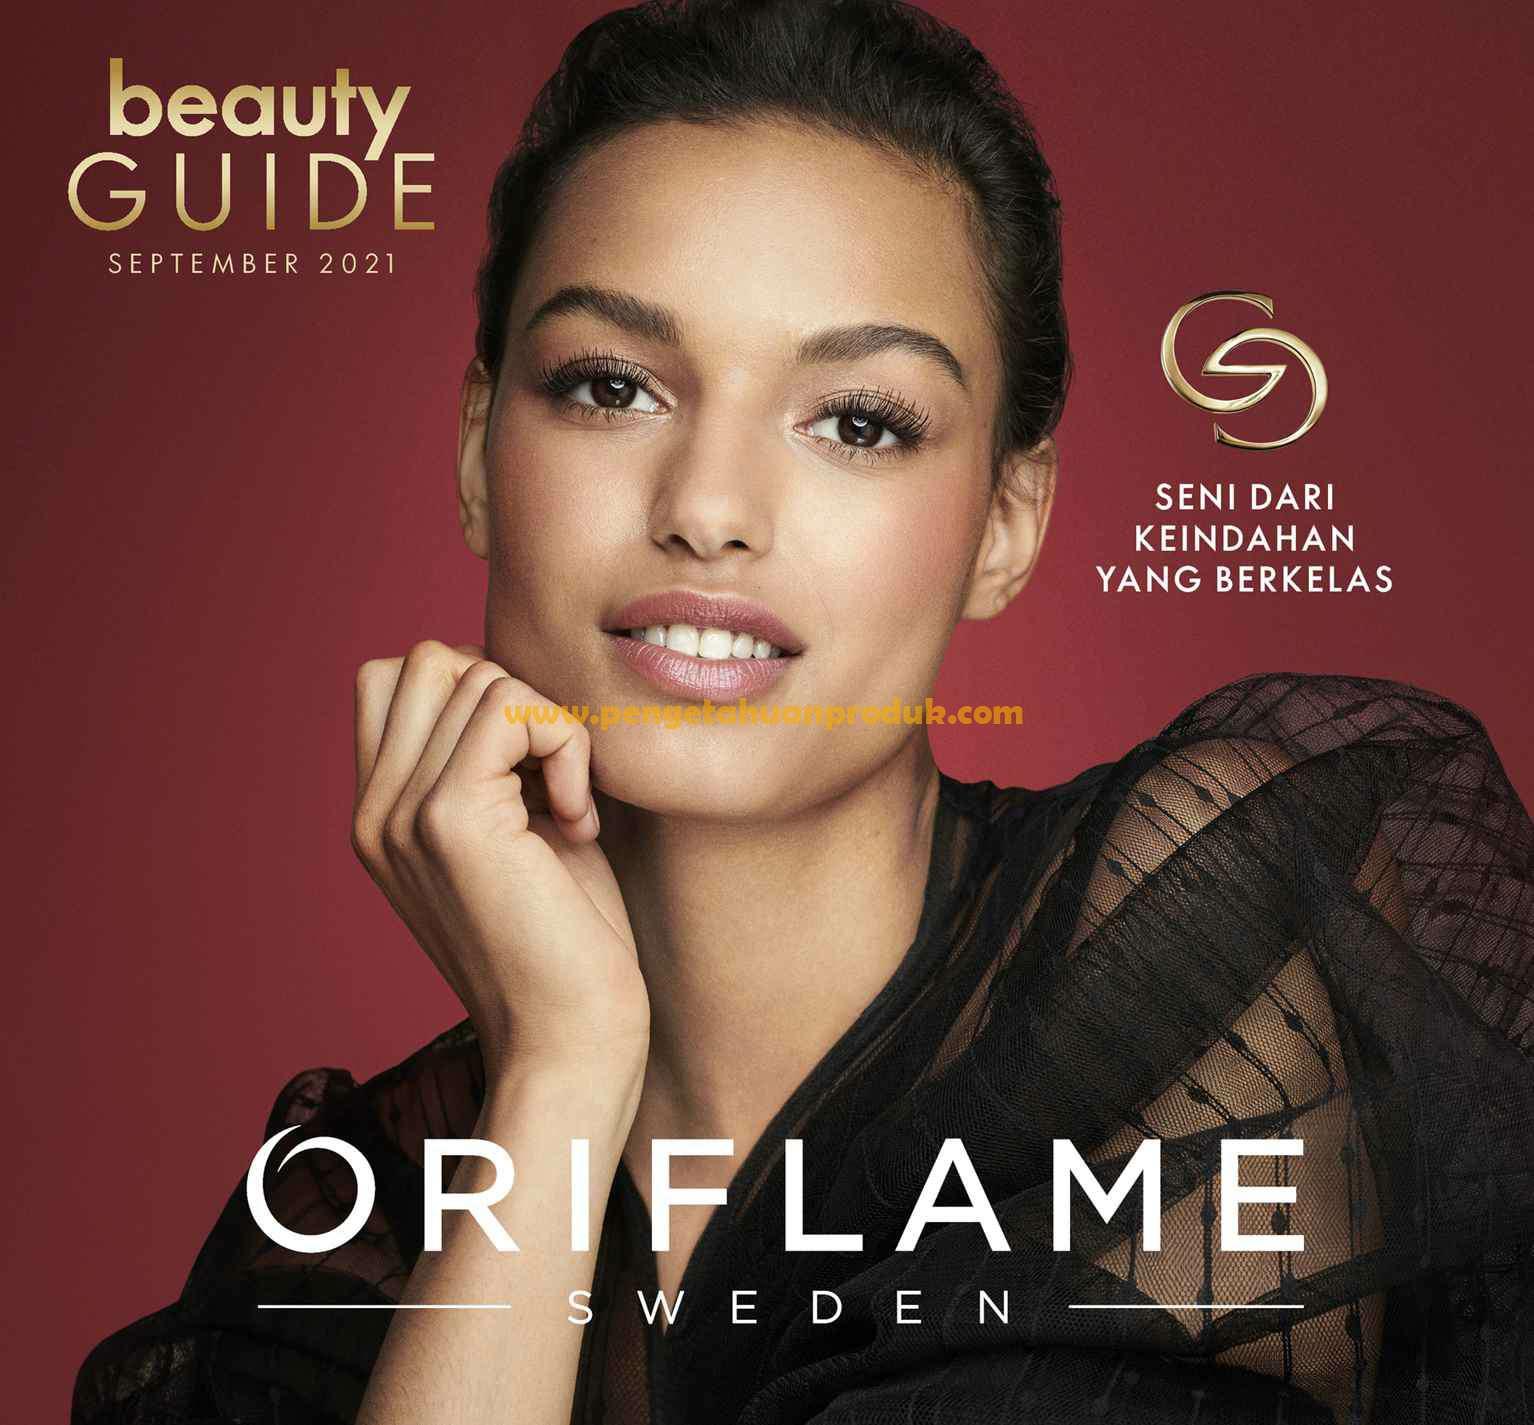 Katalog Promo Oriflame SEPTEMBER 2021